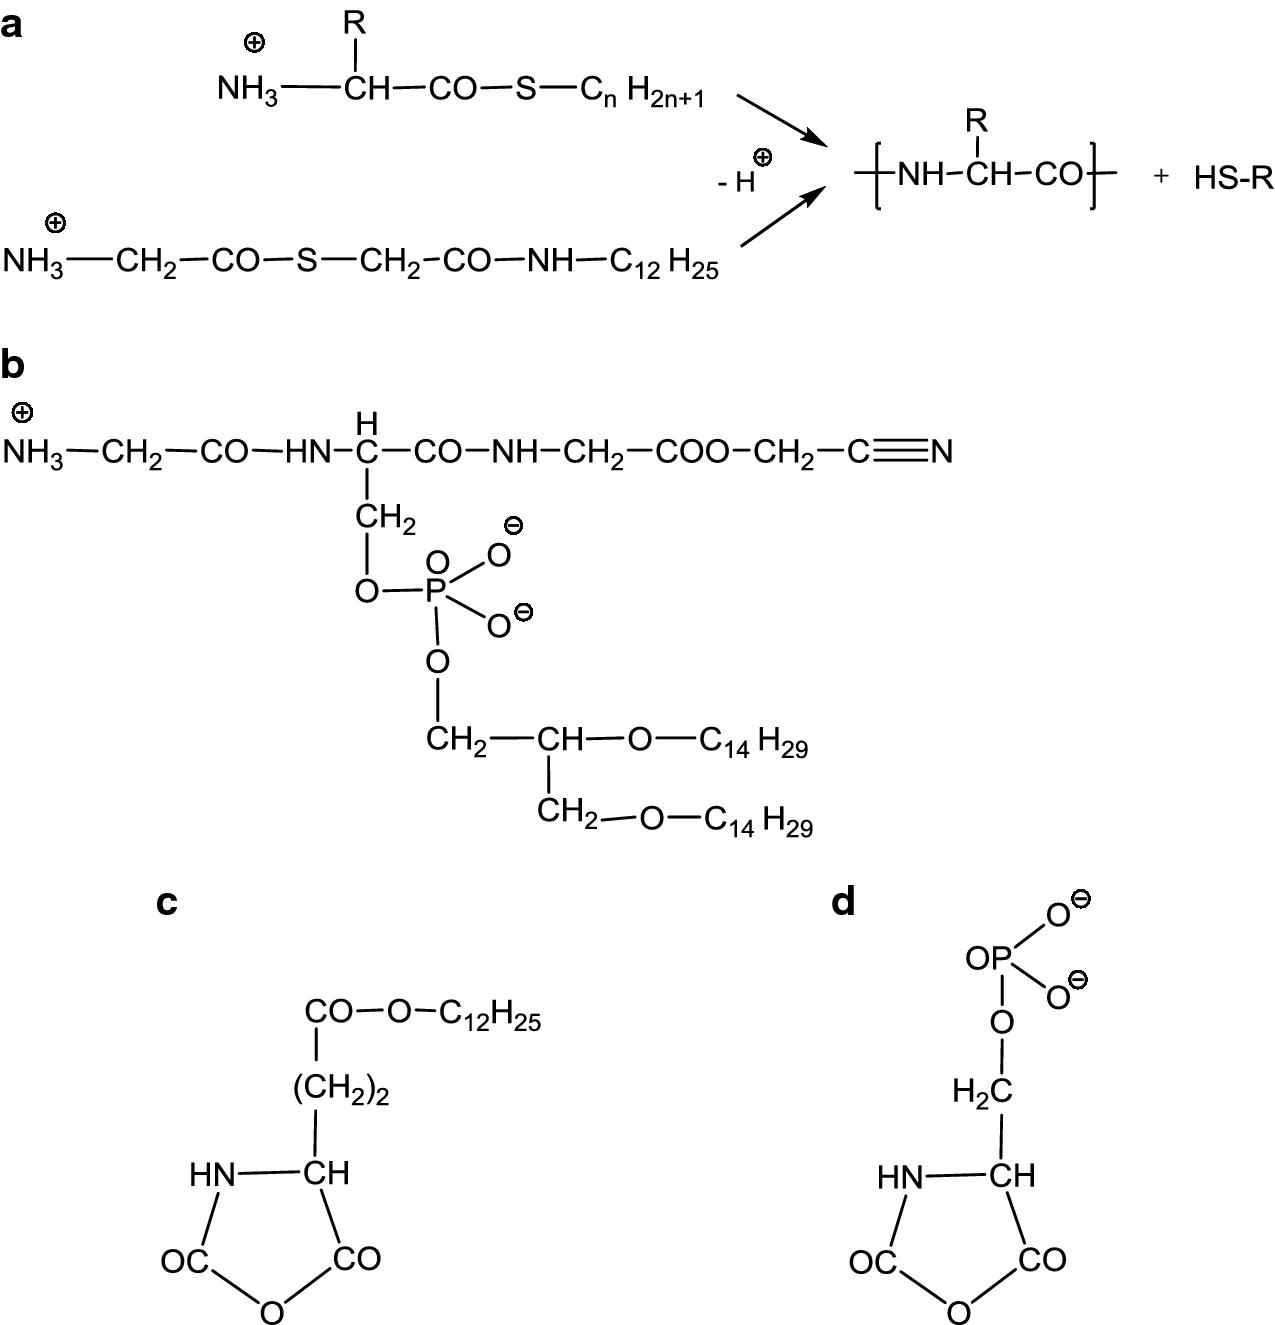 Hypothesen Zur Molekularen Evolution Springerlink